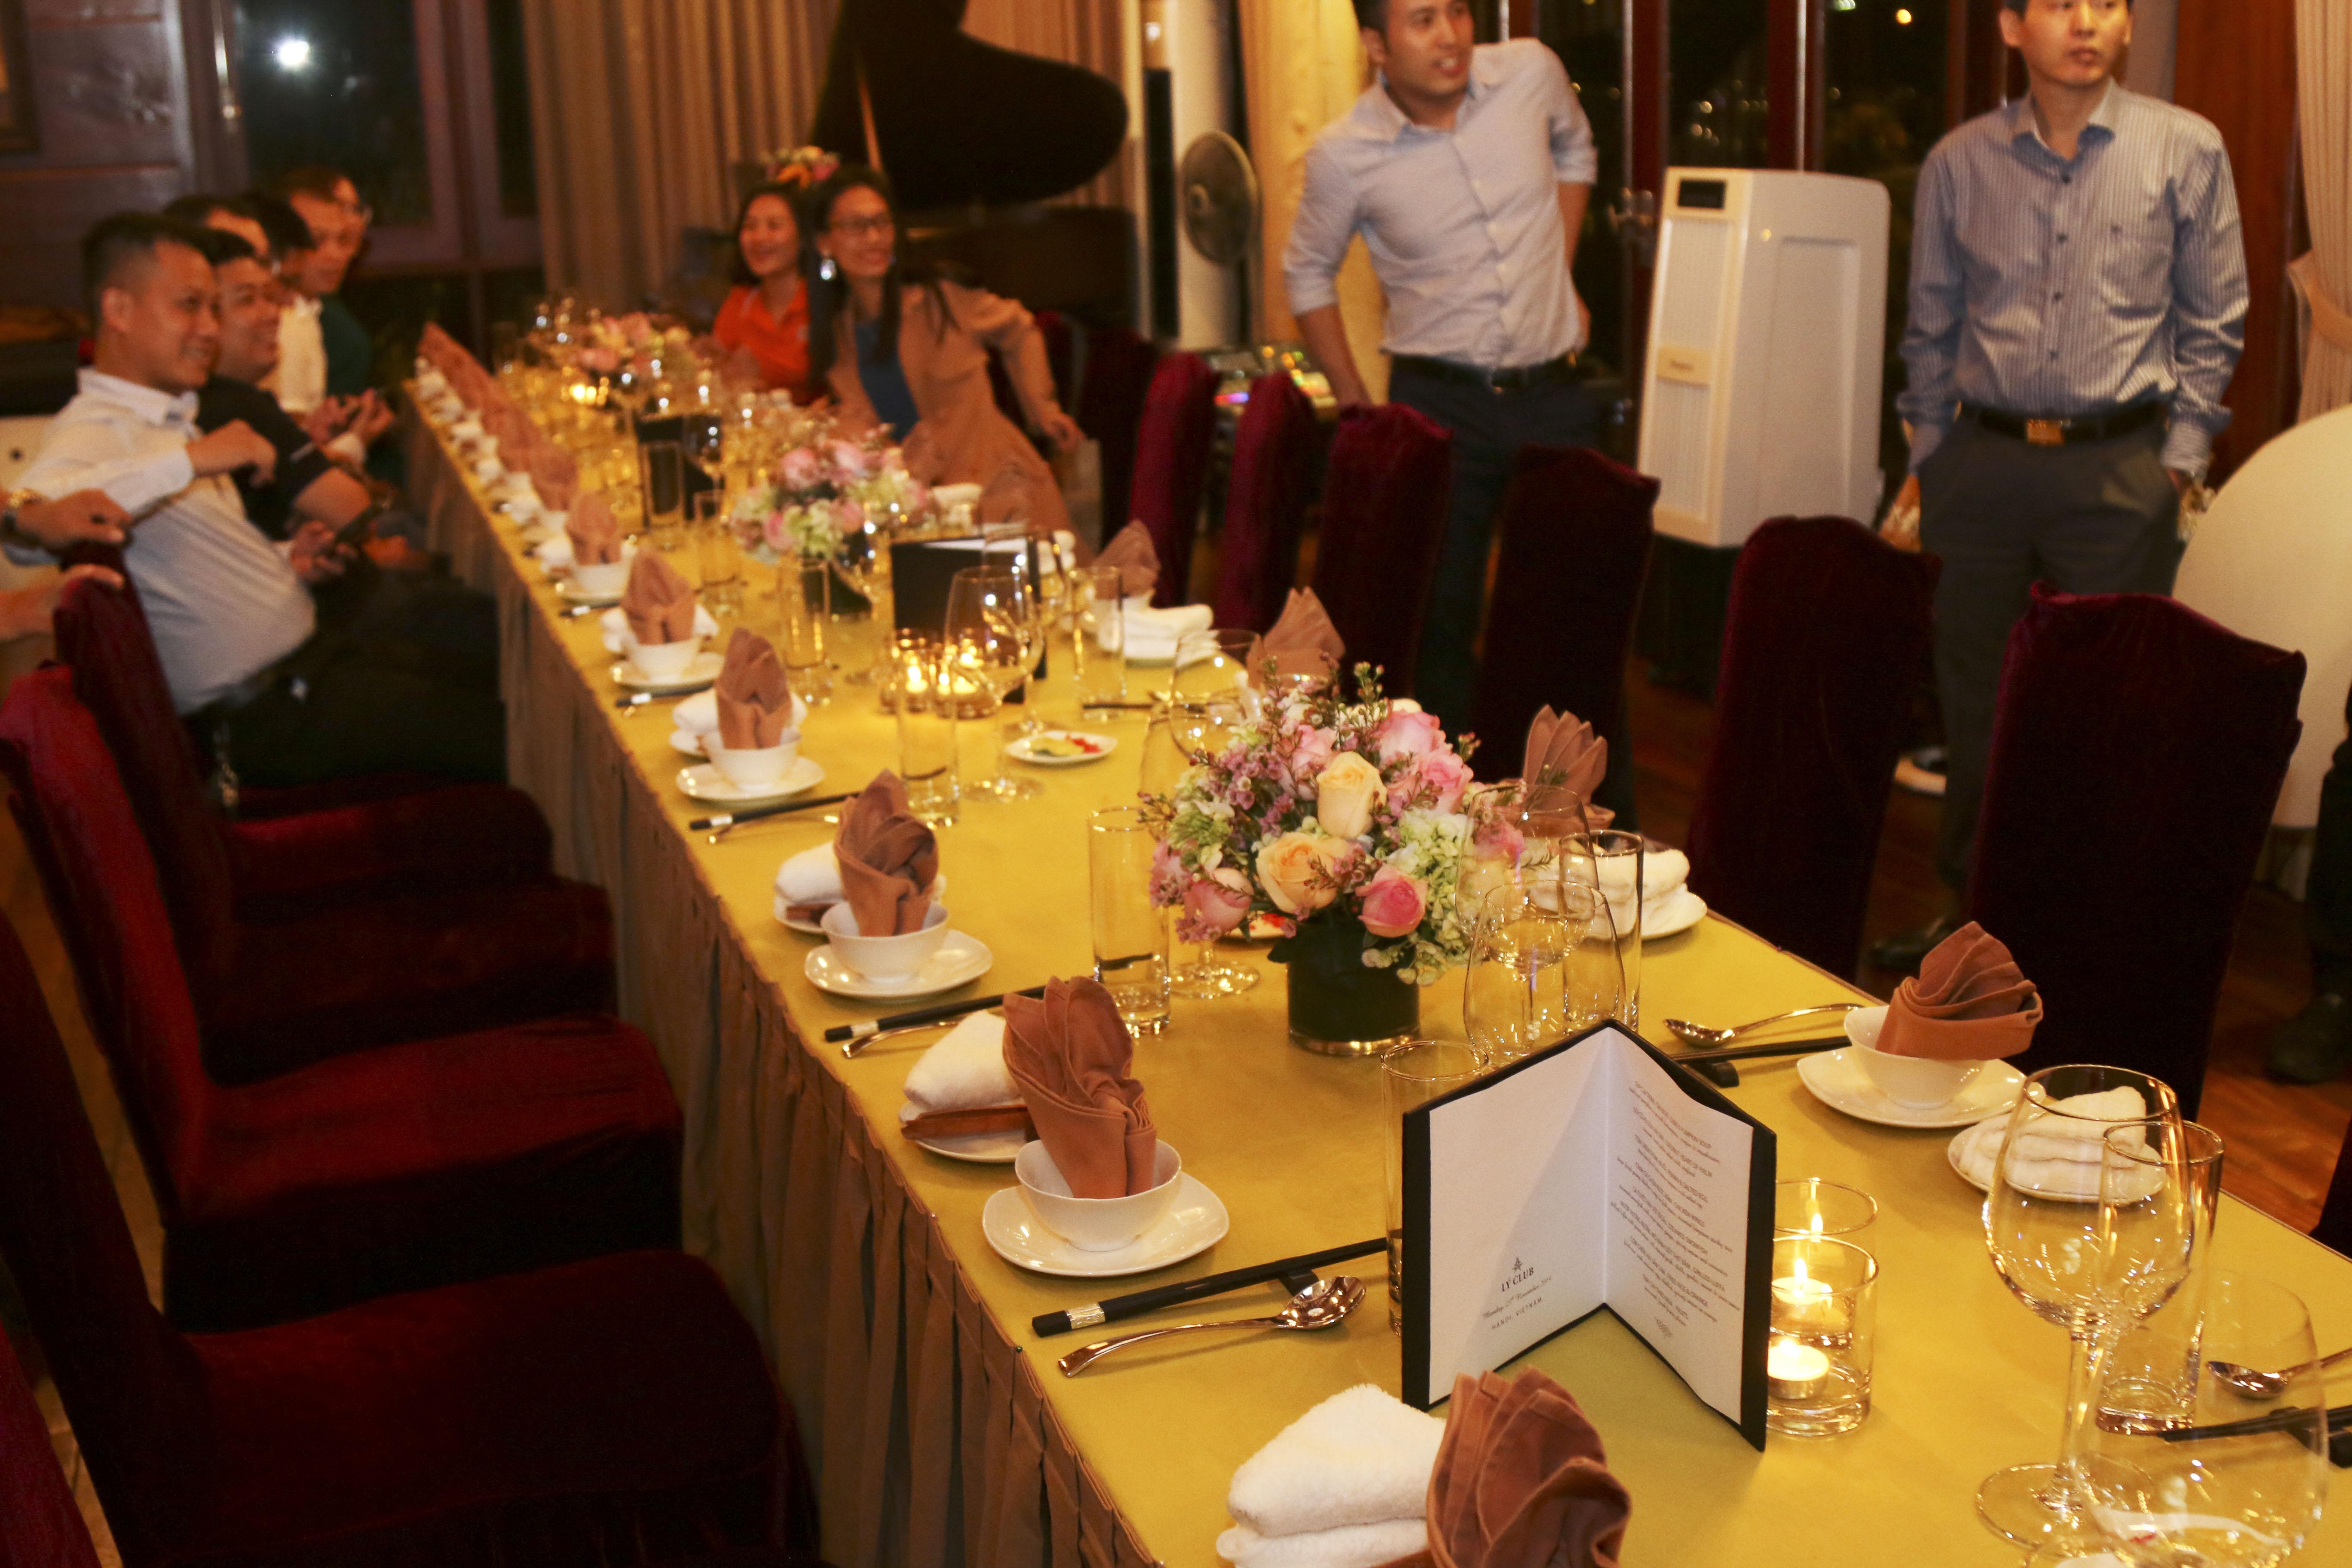 """18h45, """"Hội Leng Keng"""" gồm 8 đại diện tiêu biểu của quý III cùng 5 cá nhân OKR quý trước có mặt tại tư gia của Chủ tịch FPT Trương Gia Bìnhđể gặp gỡ và ăn tối. Như hai lần trước, sự kiện lần này diễn ra tại căn phòng đậm phong cách Bắc bộ của người đứng đầu nhà F."""